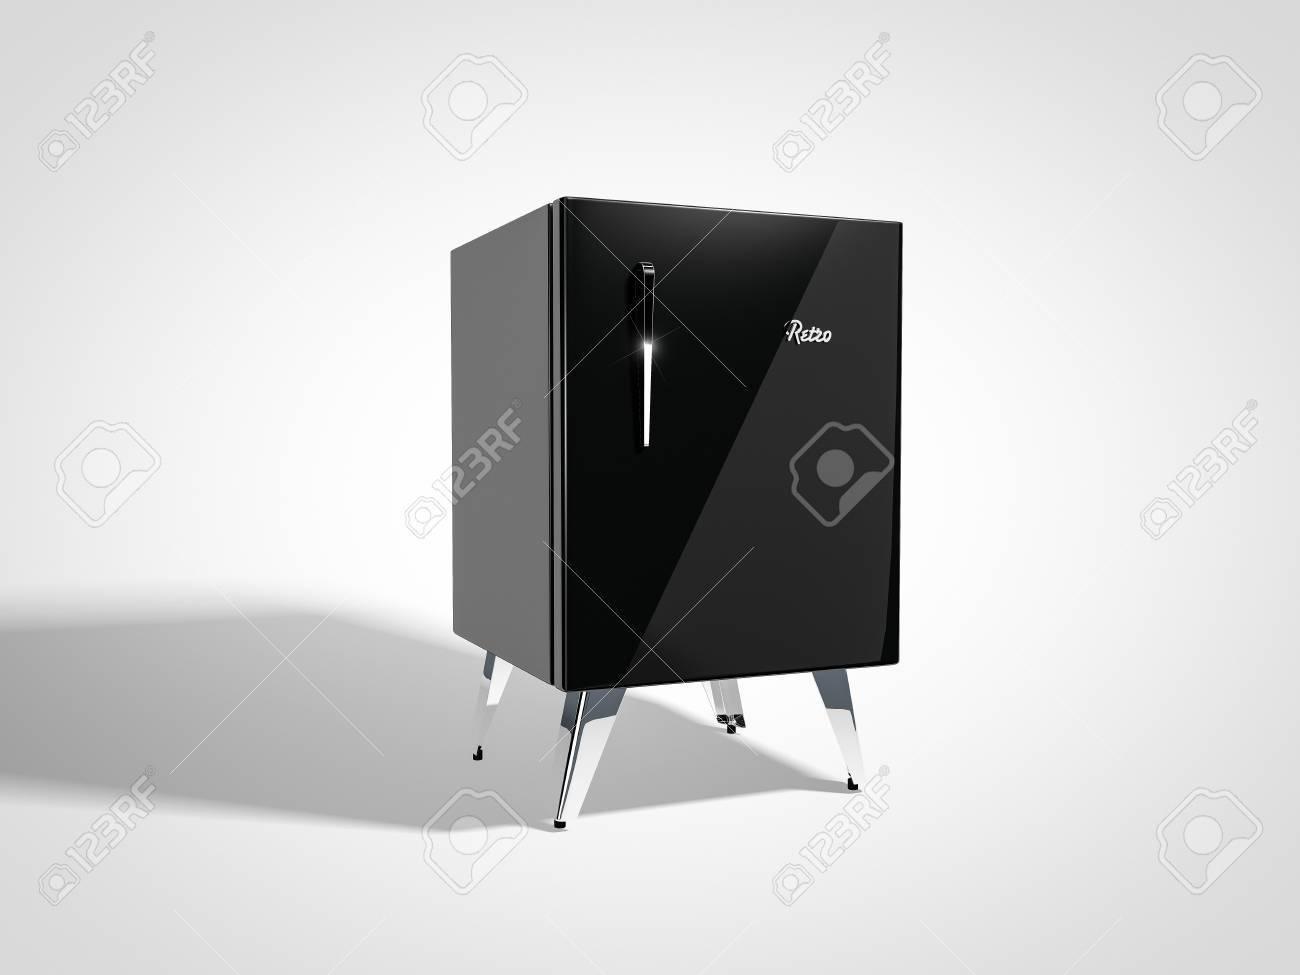 Retro Kühlschrank Groß : Schwarz retro kühlschrank lizenzfreie fotos bilder und stock